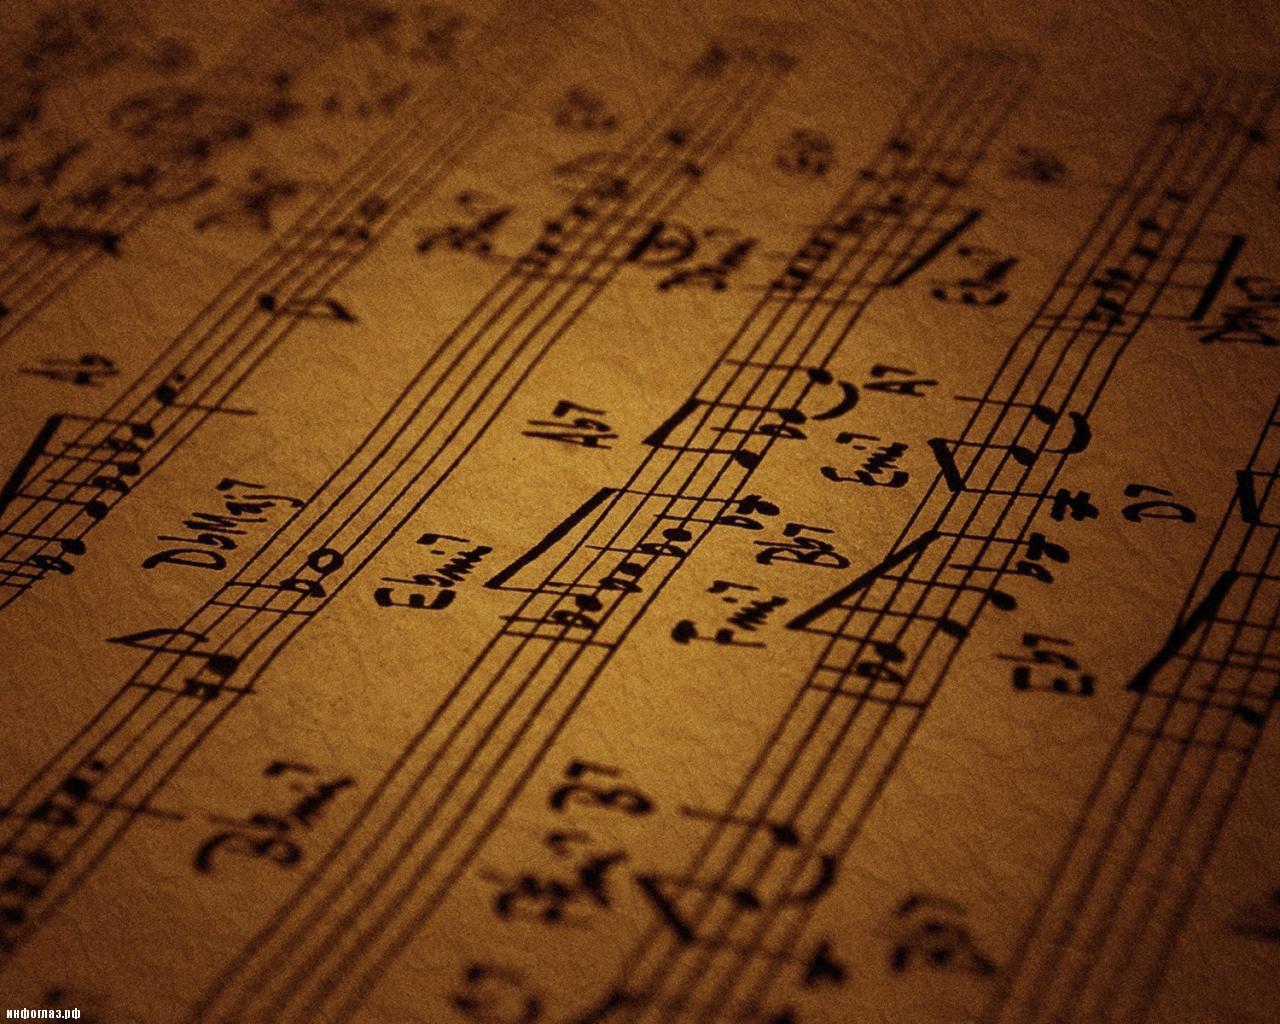 Кто придумал нотную грамоту и почему именно До-Ре-Ми-Фа-Соль-Ля-Си новые фото